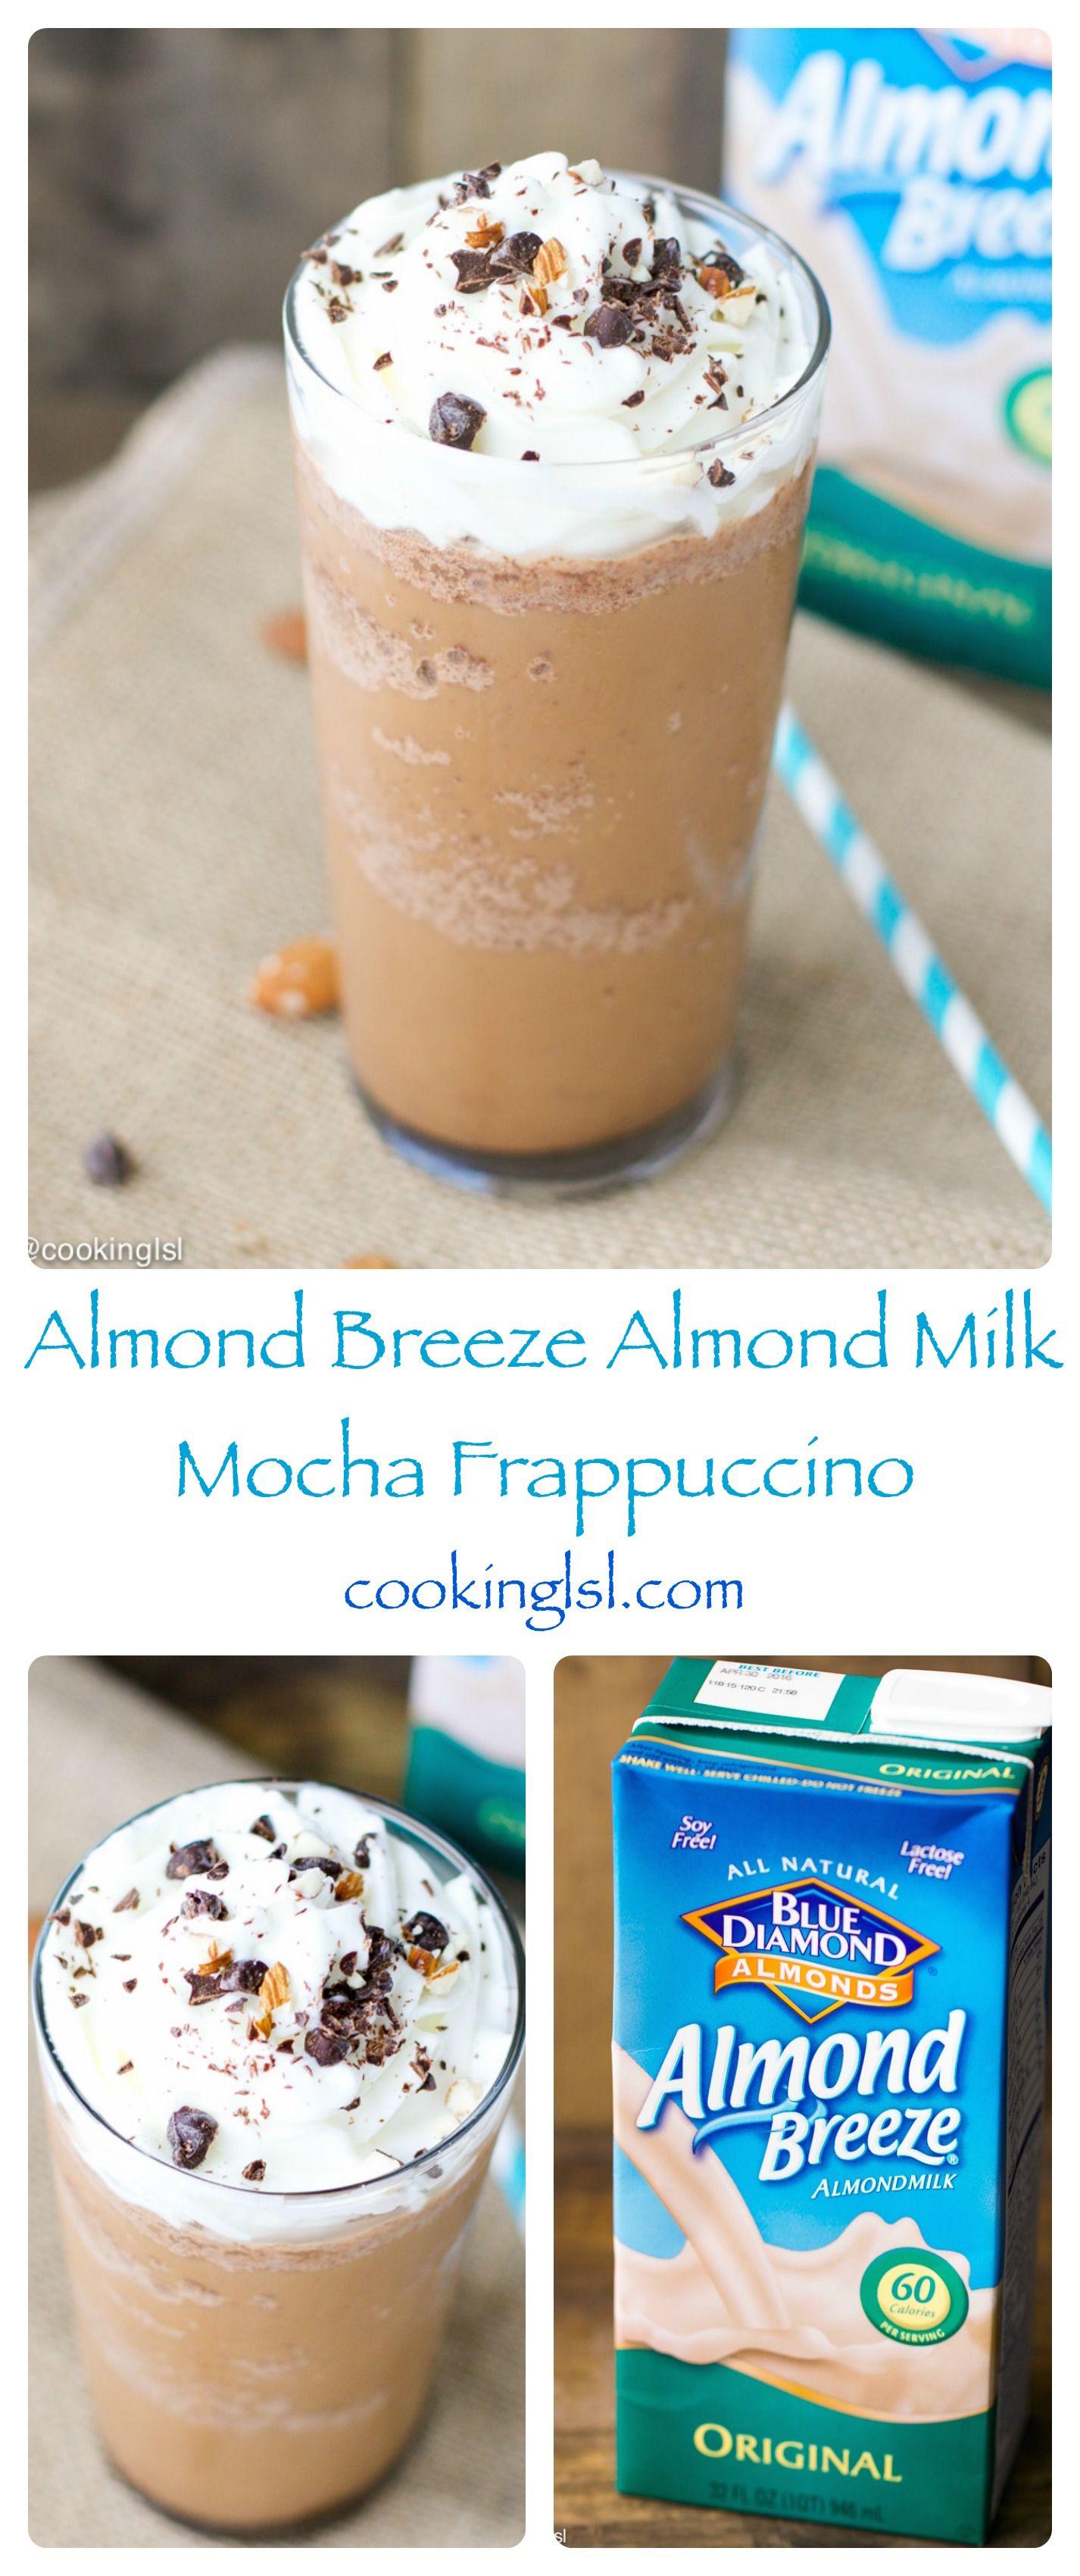 Almond Milk Mocha Frappuccino Mocha frappuccino, Almond